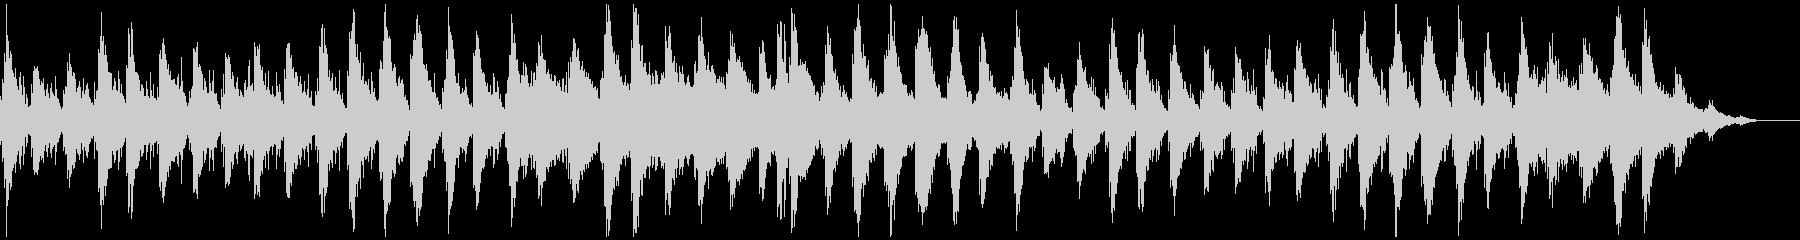 瞑想やヨガ、睡眠誘導のための音楽 03bの未再生の波形